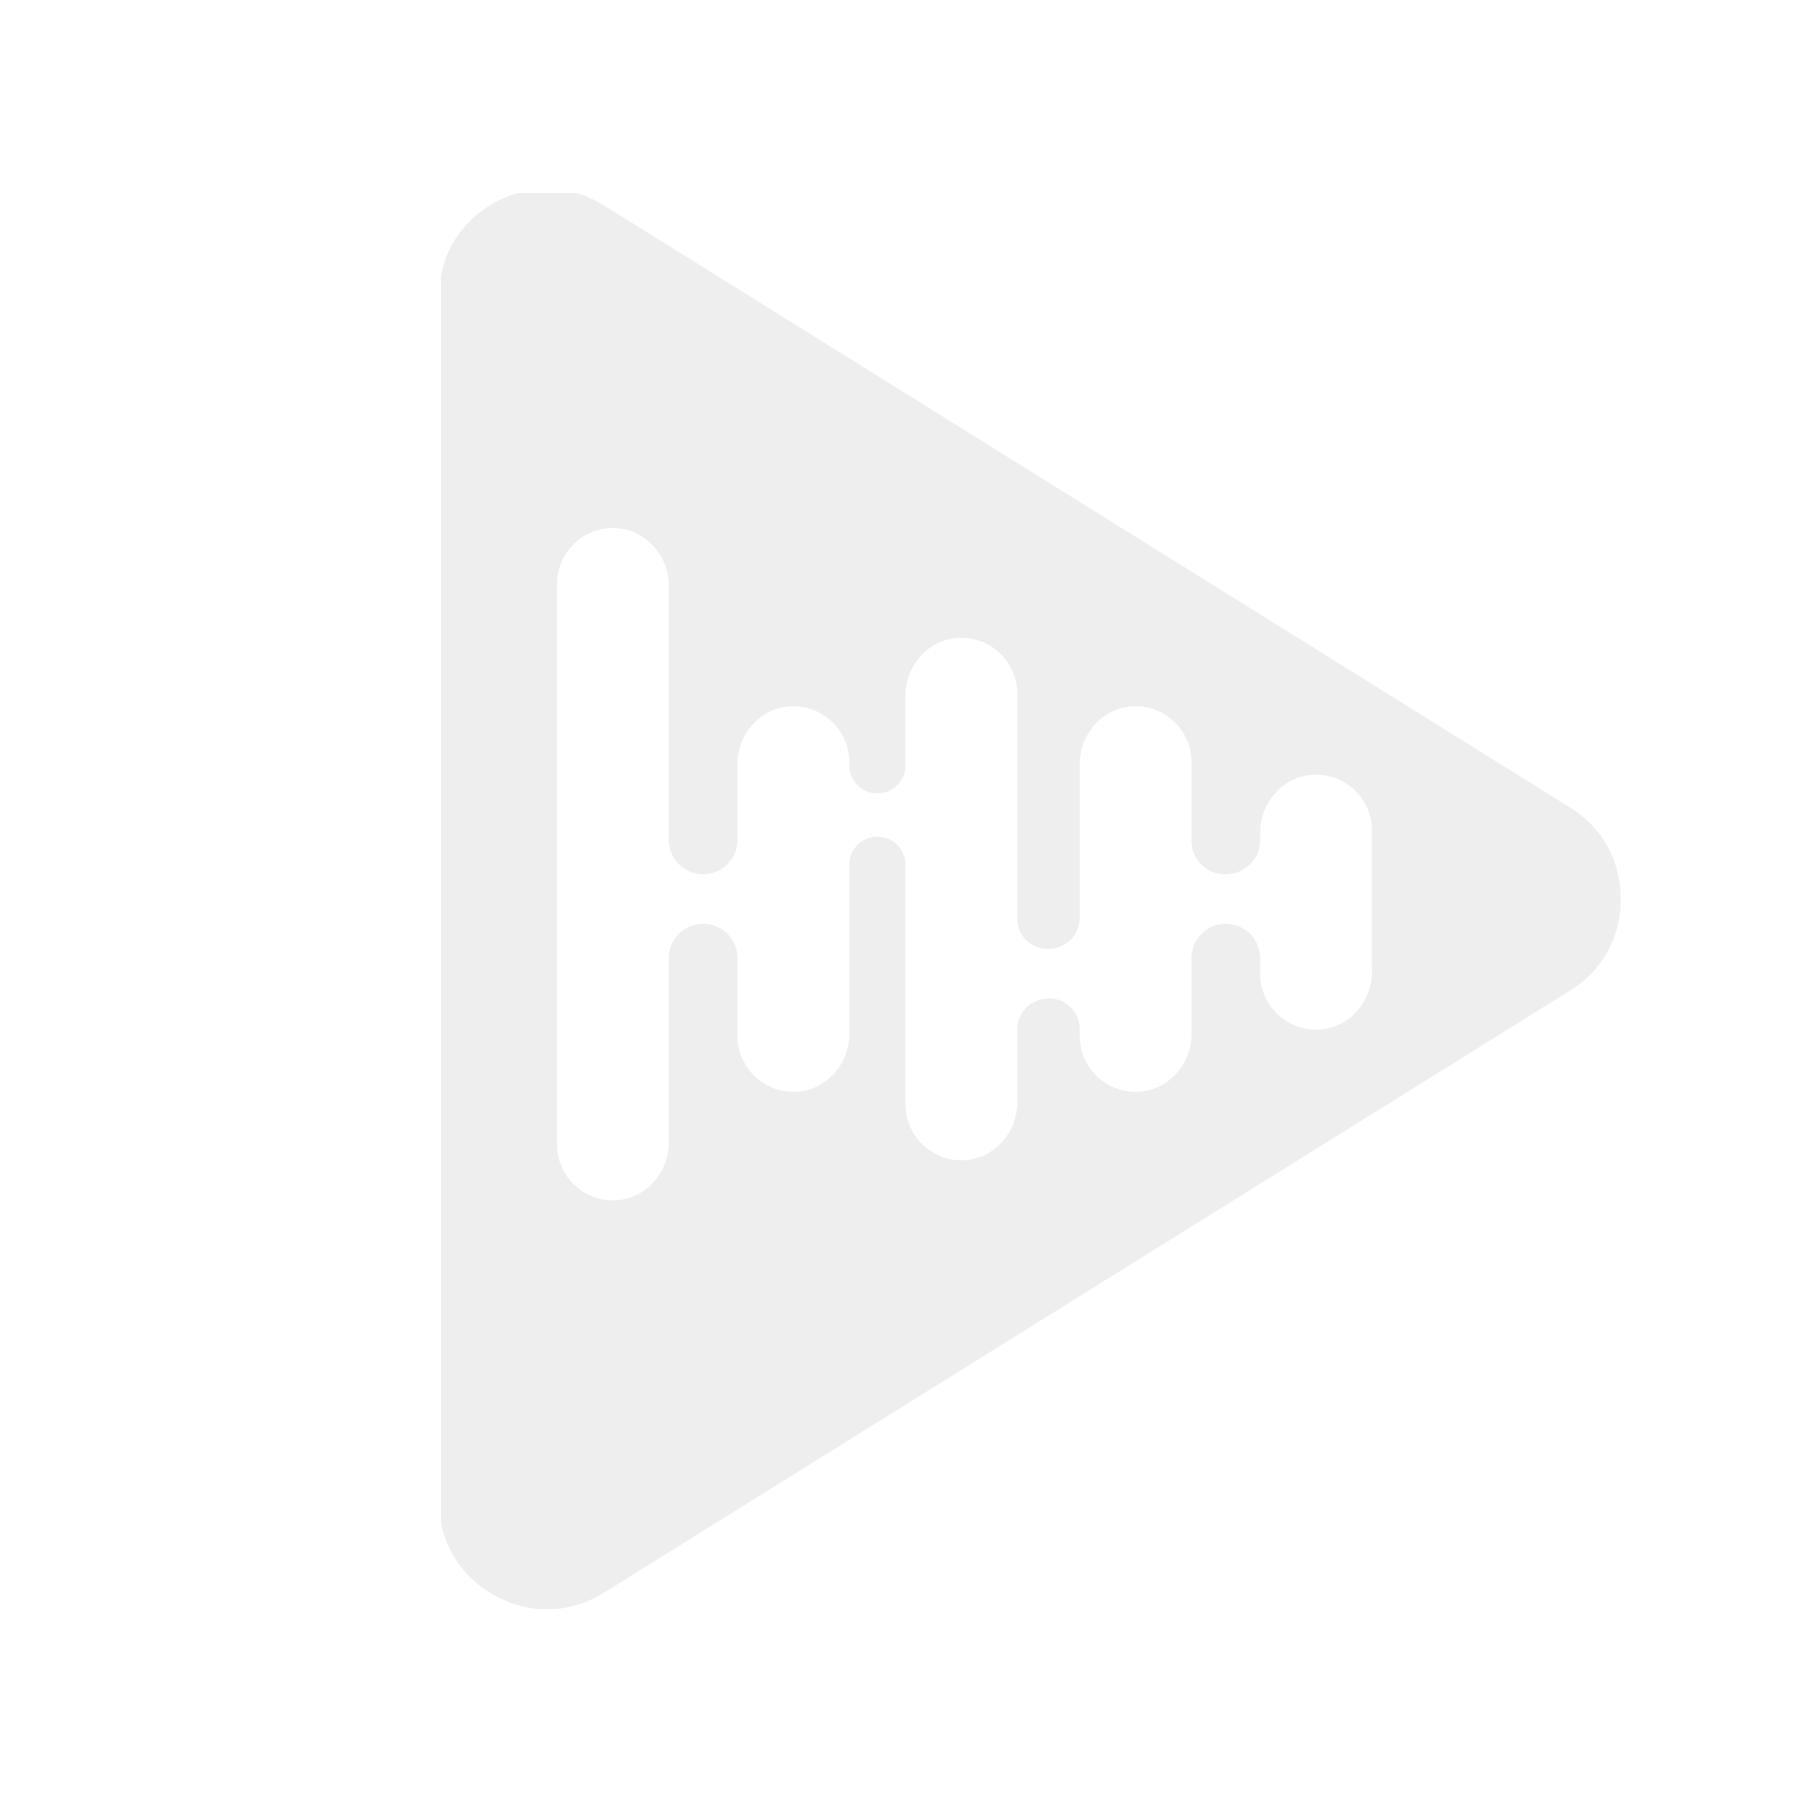 Hertz HG 690.4 - 6x9